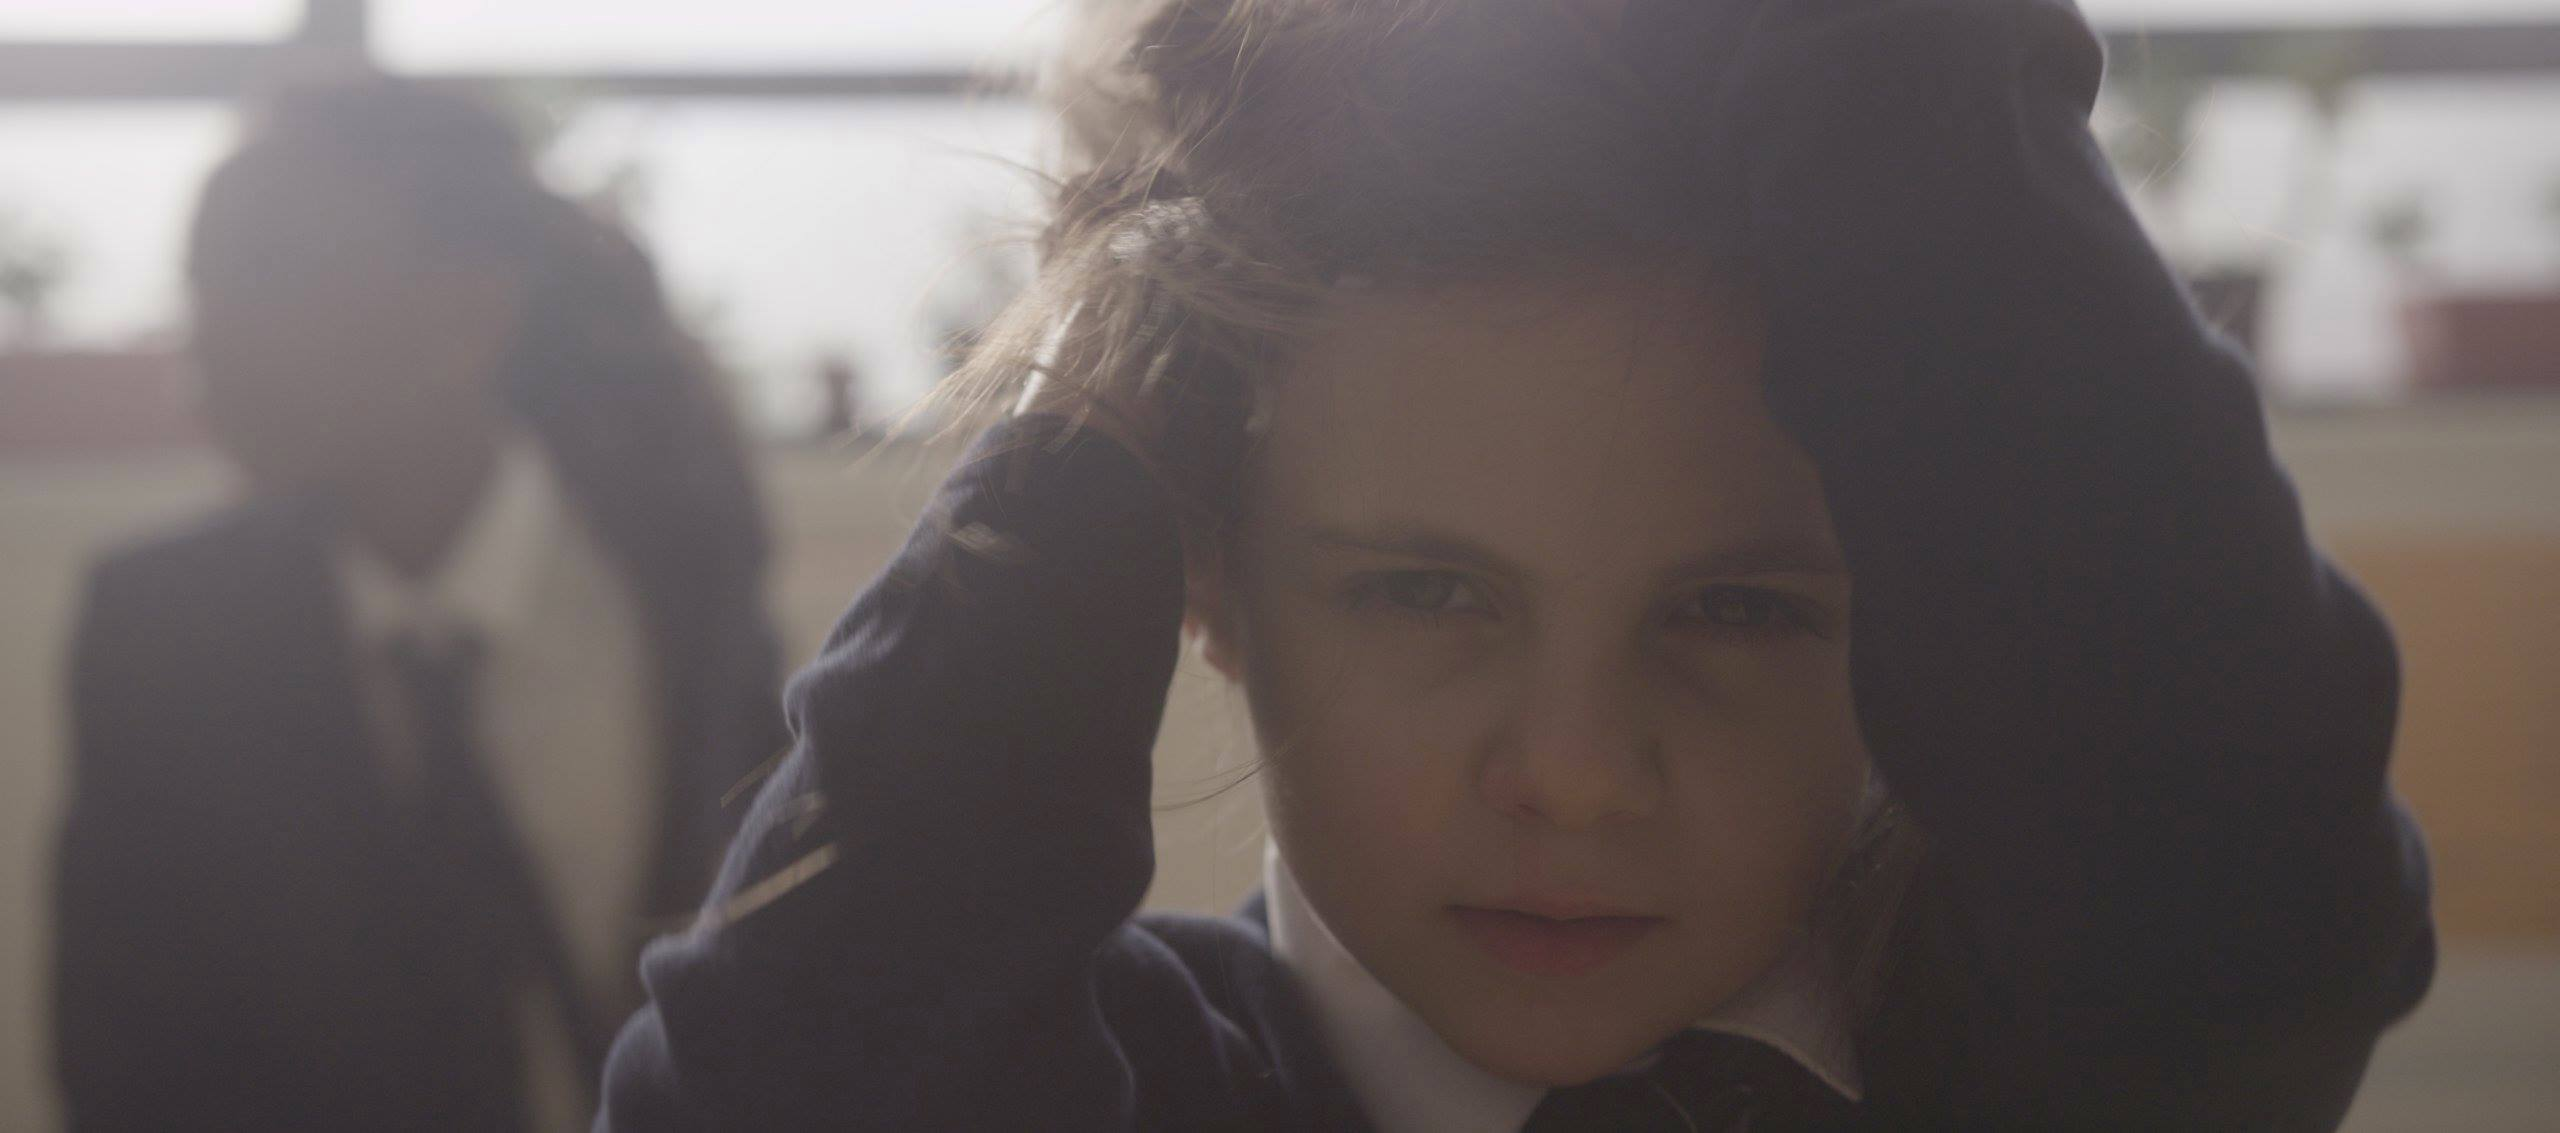 enfant danse pour le clip just kids ecole des amandiers paris